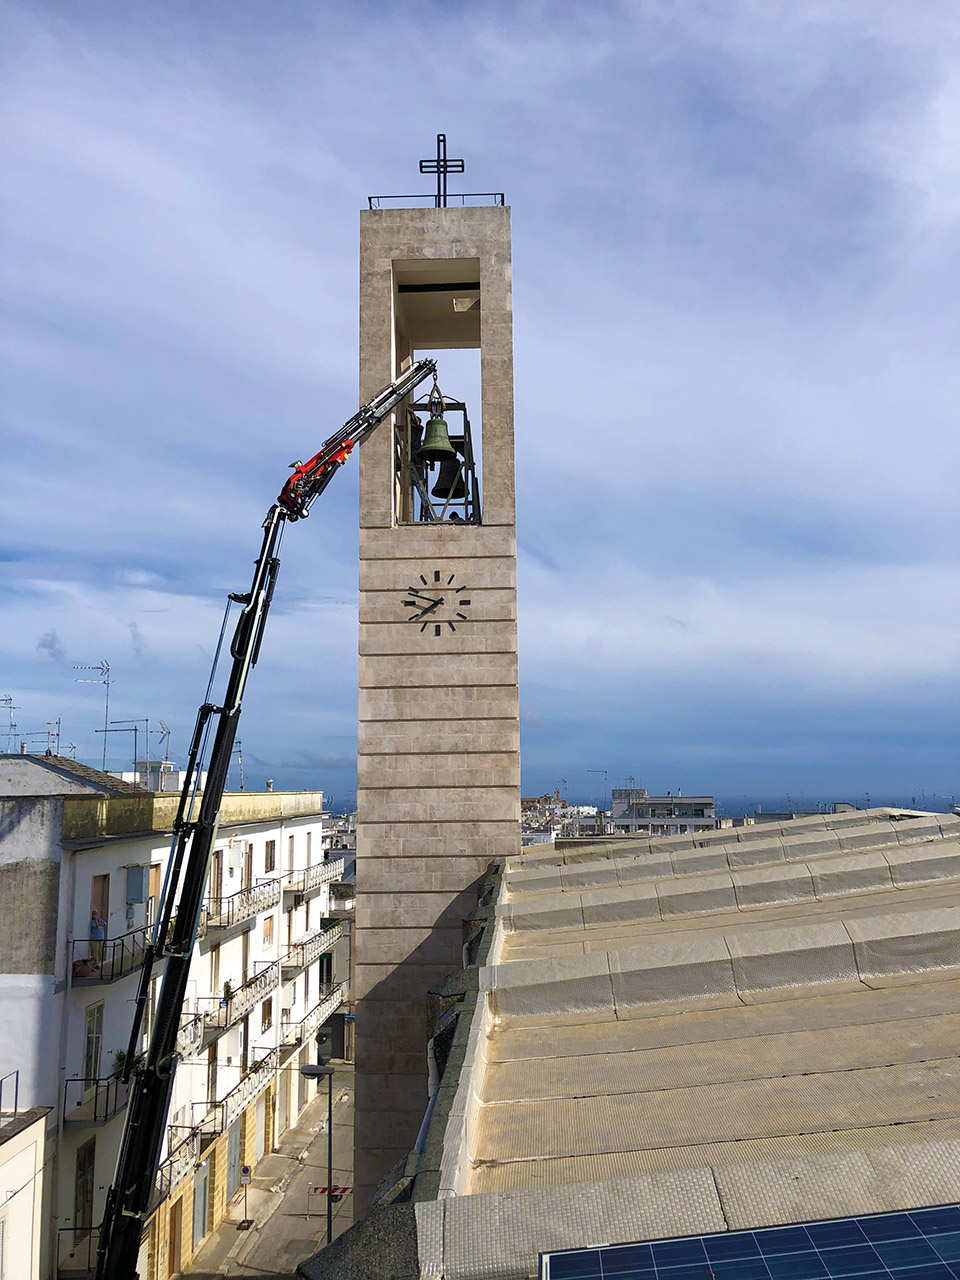 costruzioni restauri sirio ostuni campanile chiesa santuario santi medici cosma damiano ostuni img 2151 1